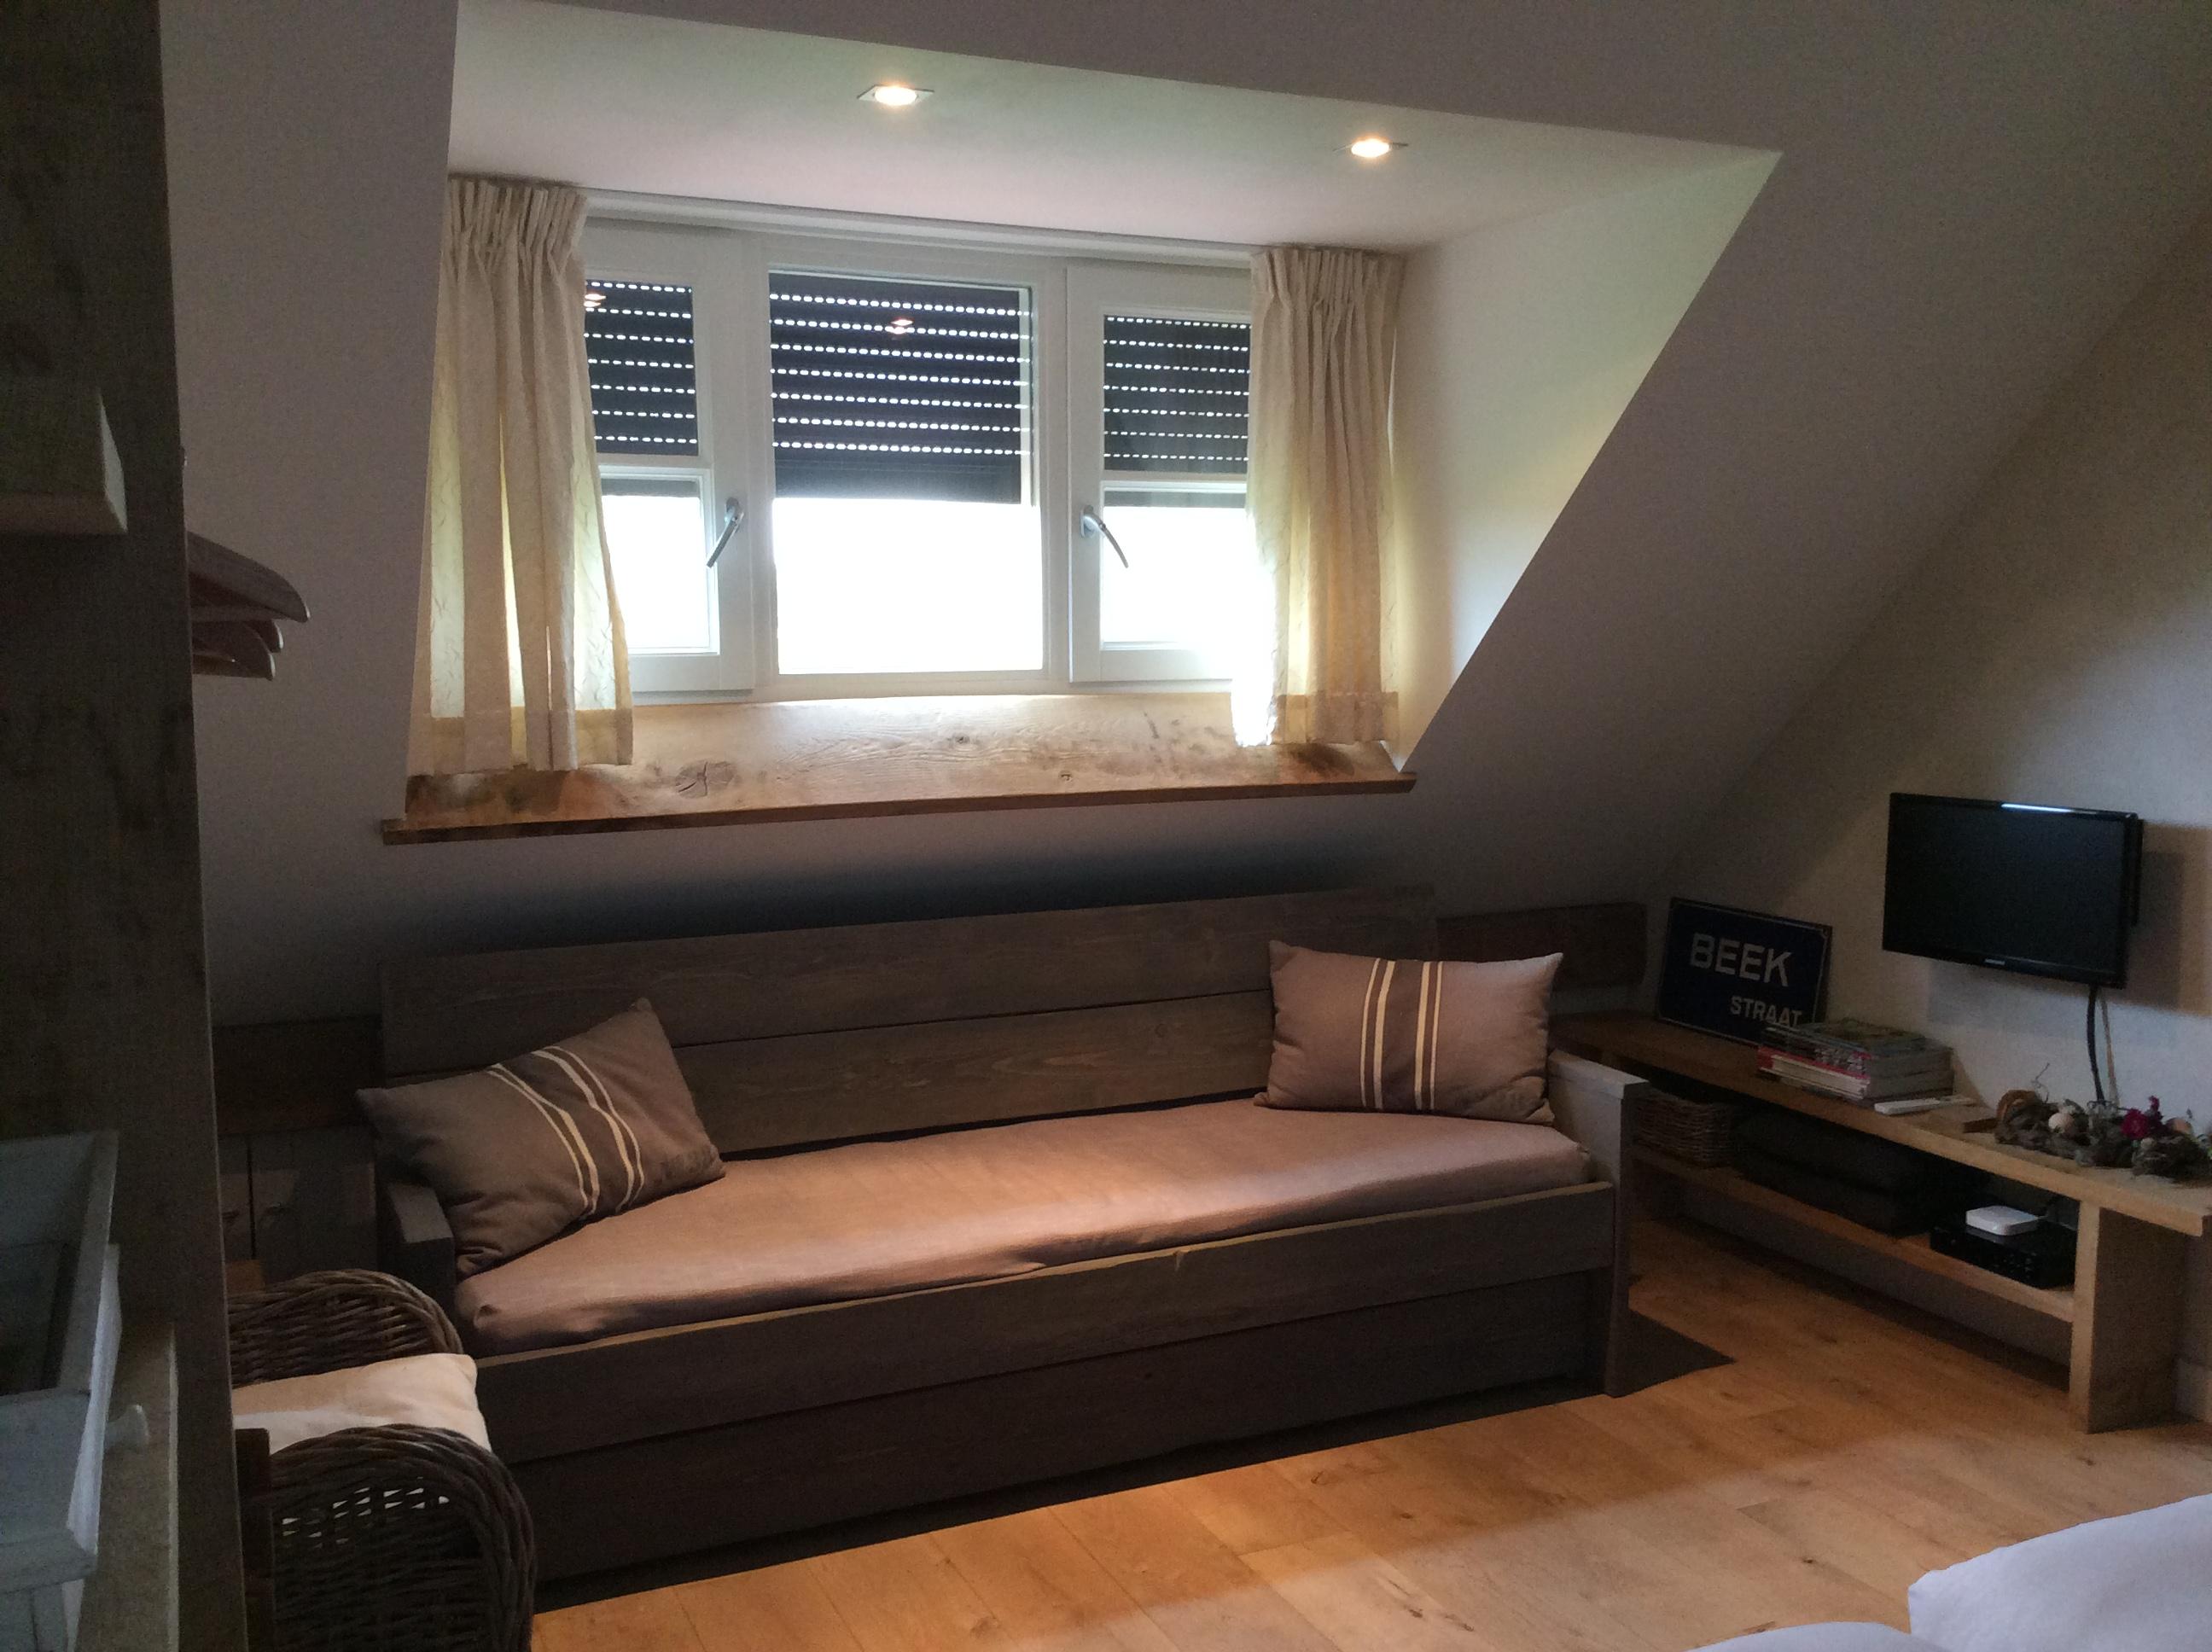 slaapkamer zitkamer 1e verd Beek met ruime bank - Beek & Ko